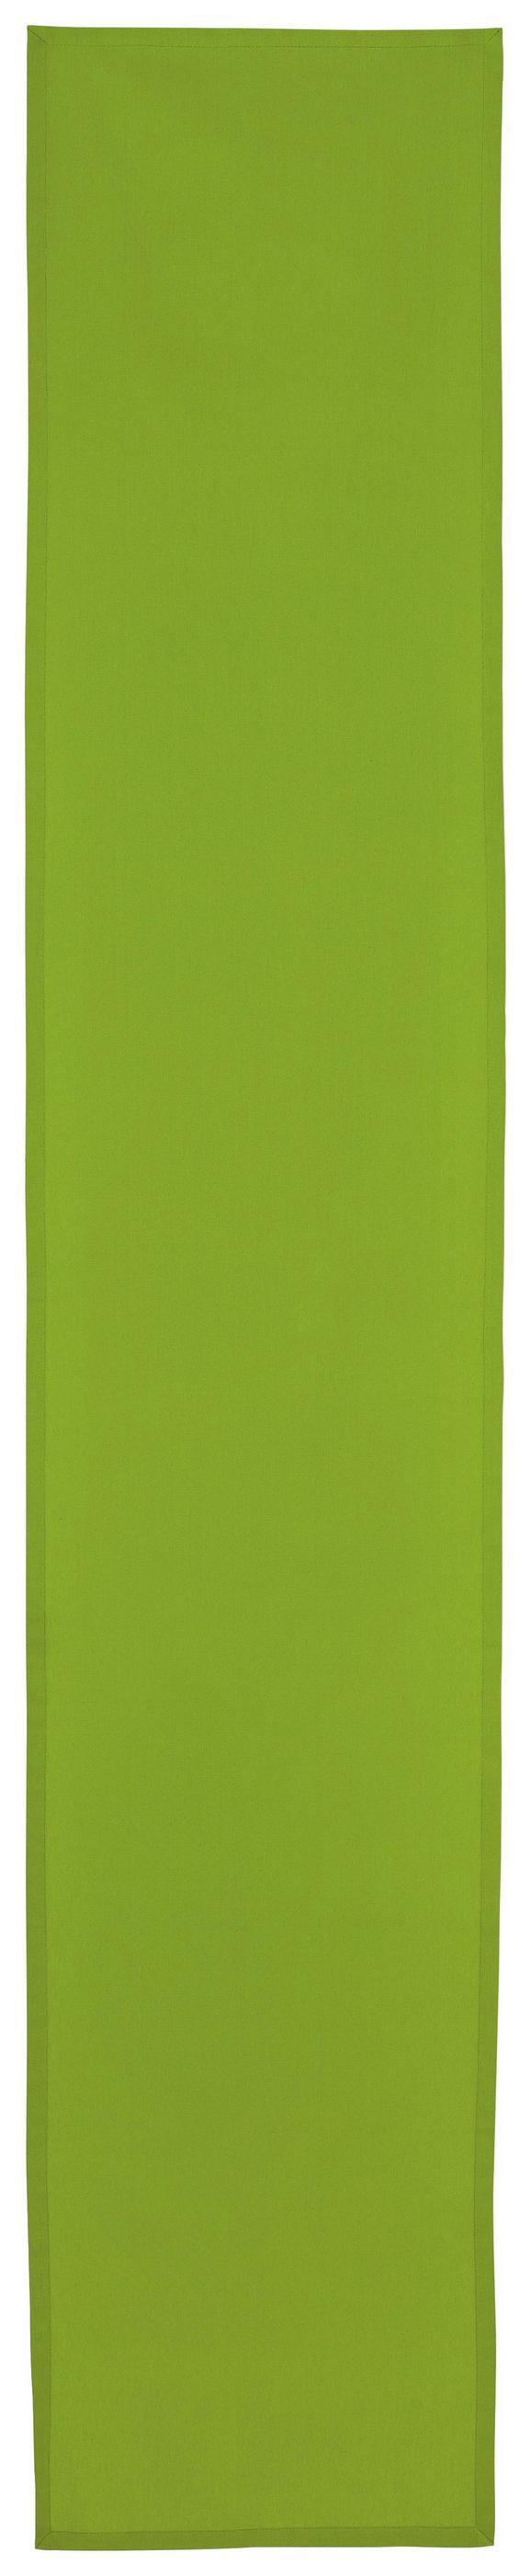 Asztali Futó Steffi Extra Méret - Zöld, Textil (45/240cm) - Mömax modern living